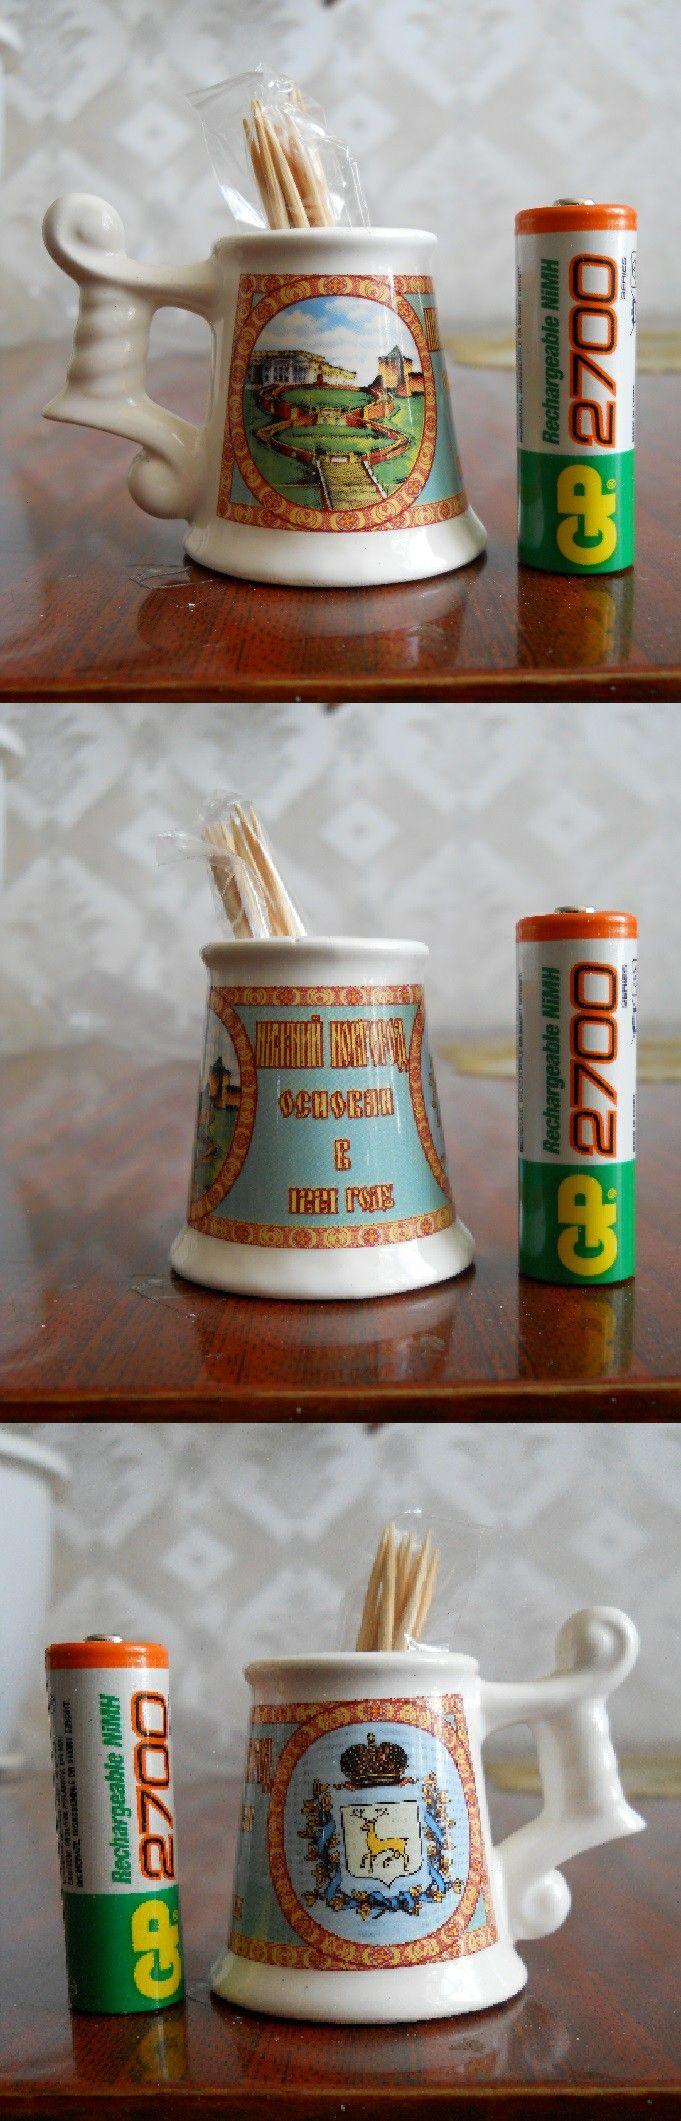 Нижний Новгород (миникружка - подставка для зубочисток)